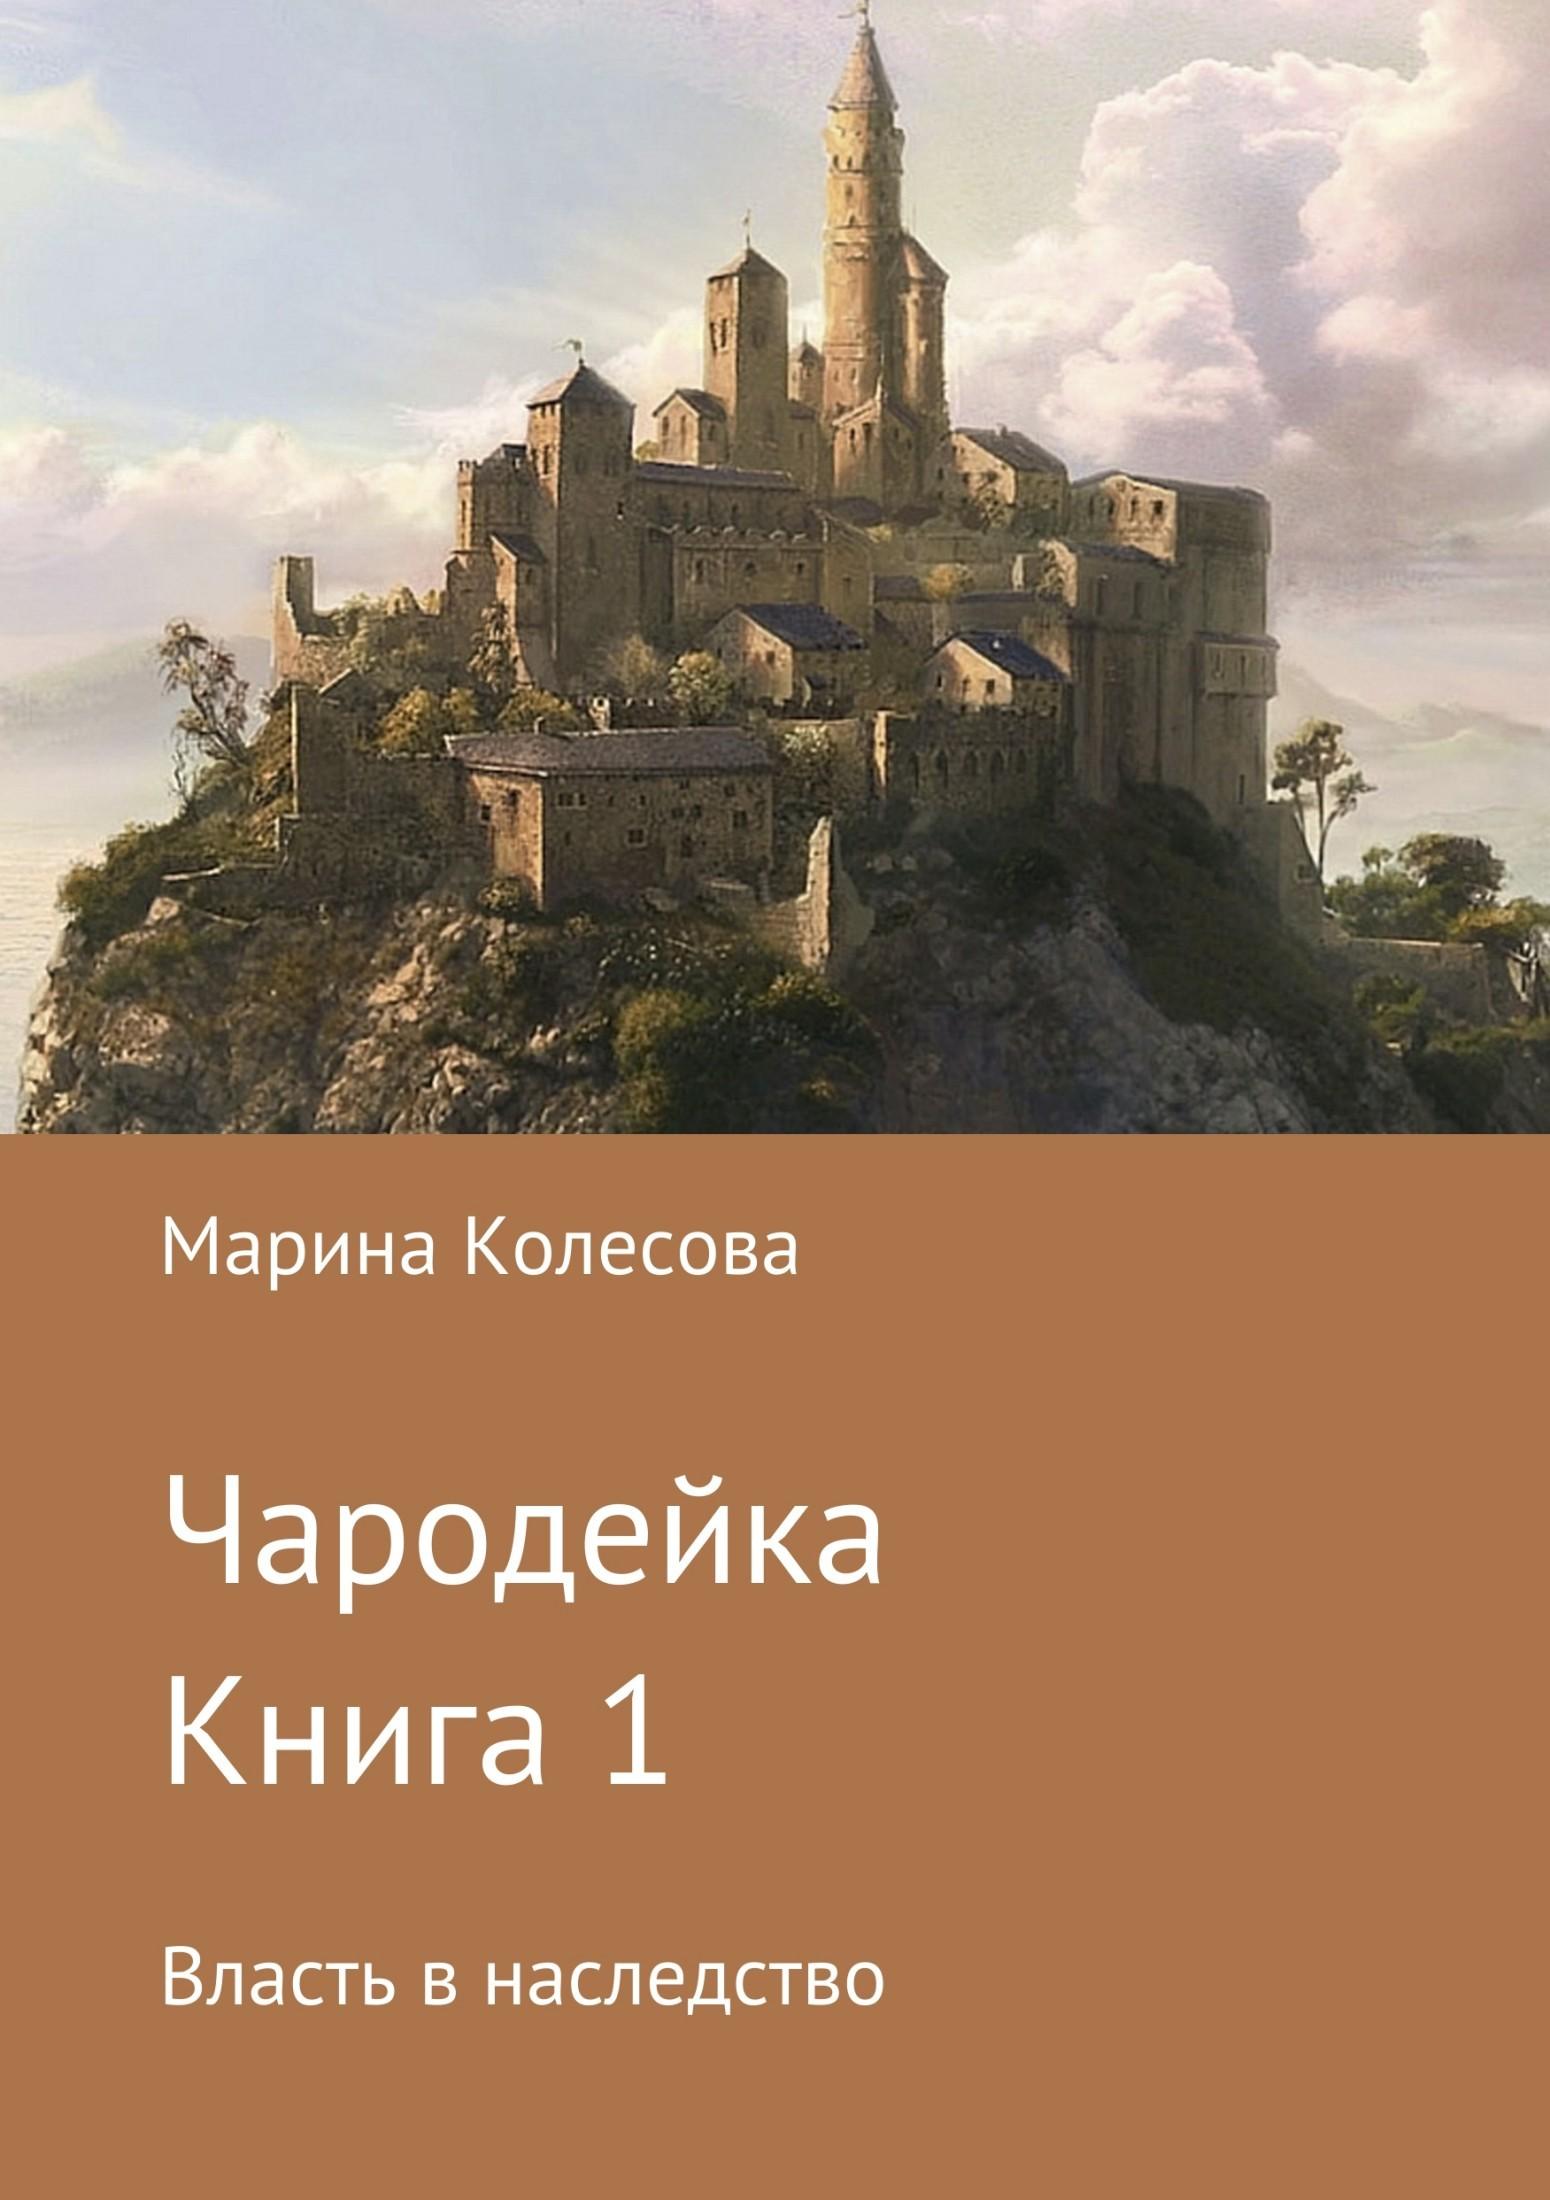 Чародейка. Книга 1. Власть в наследство